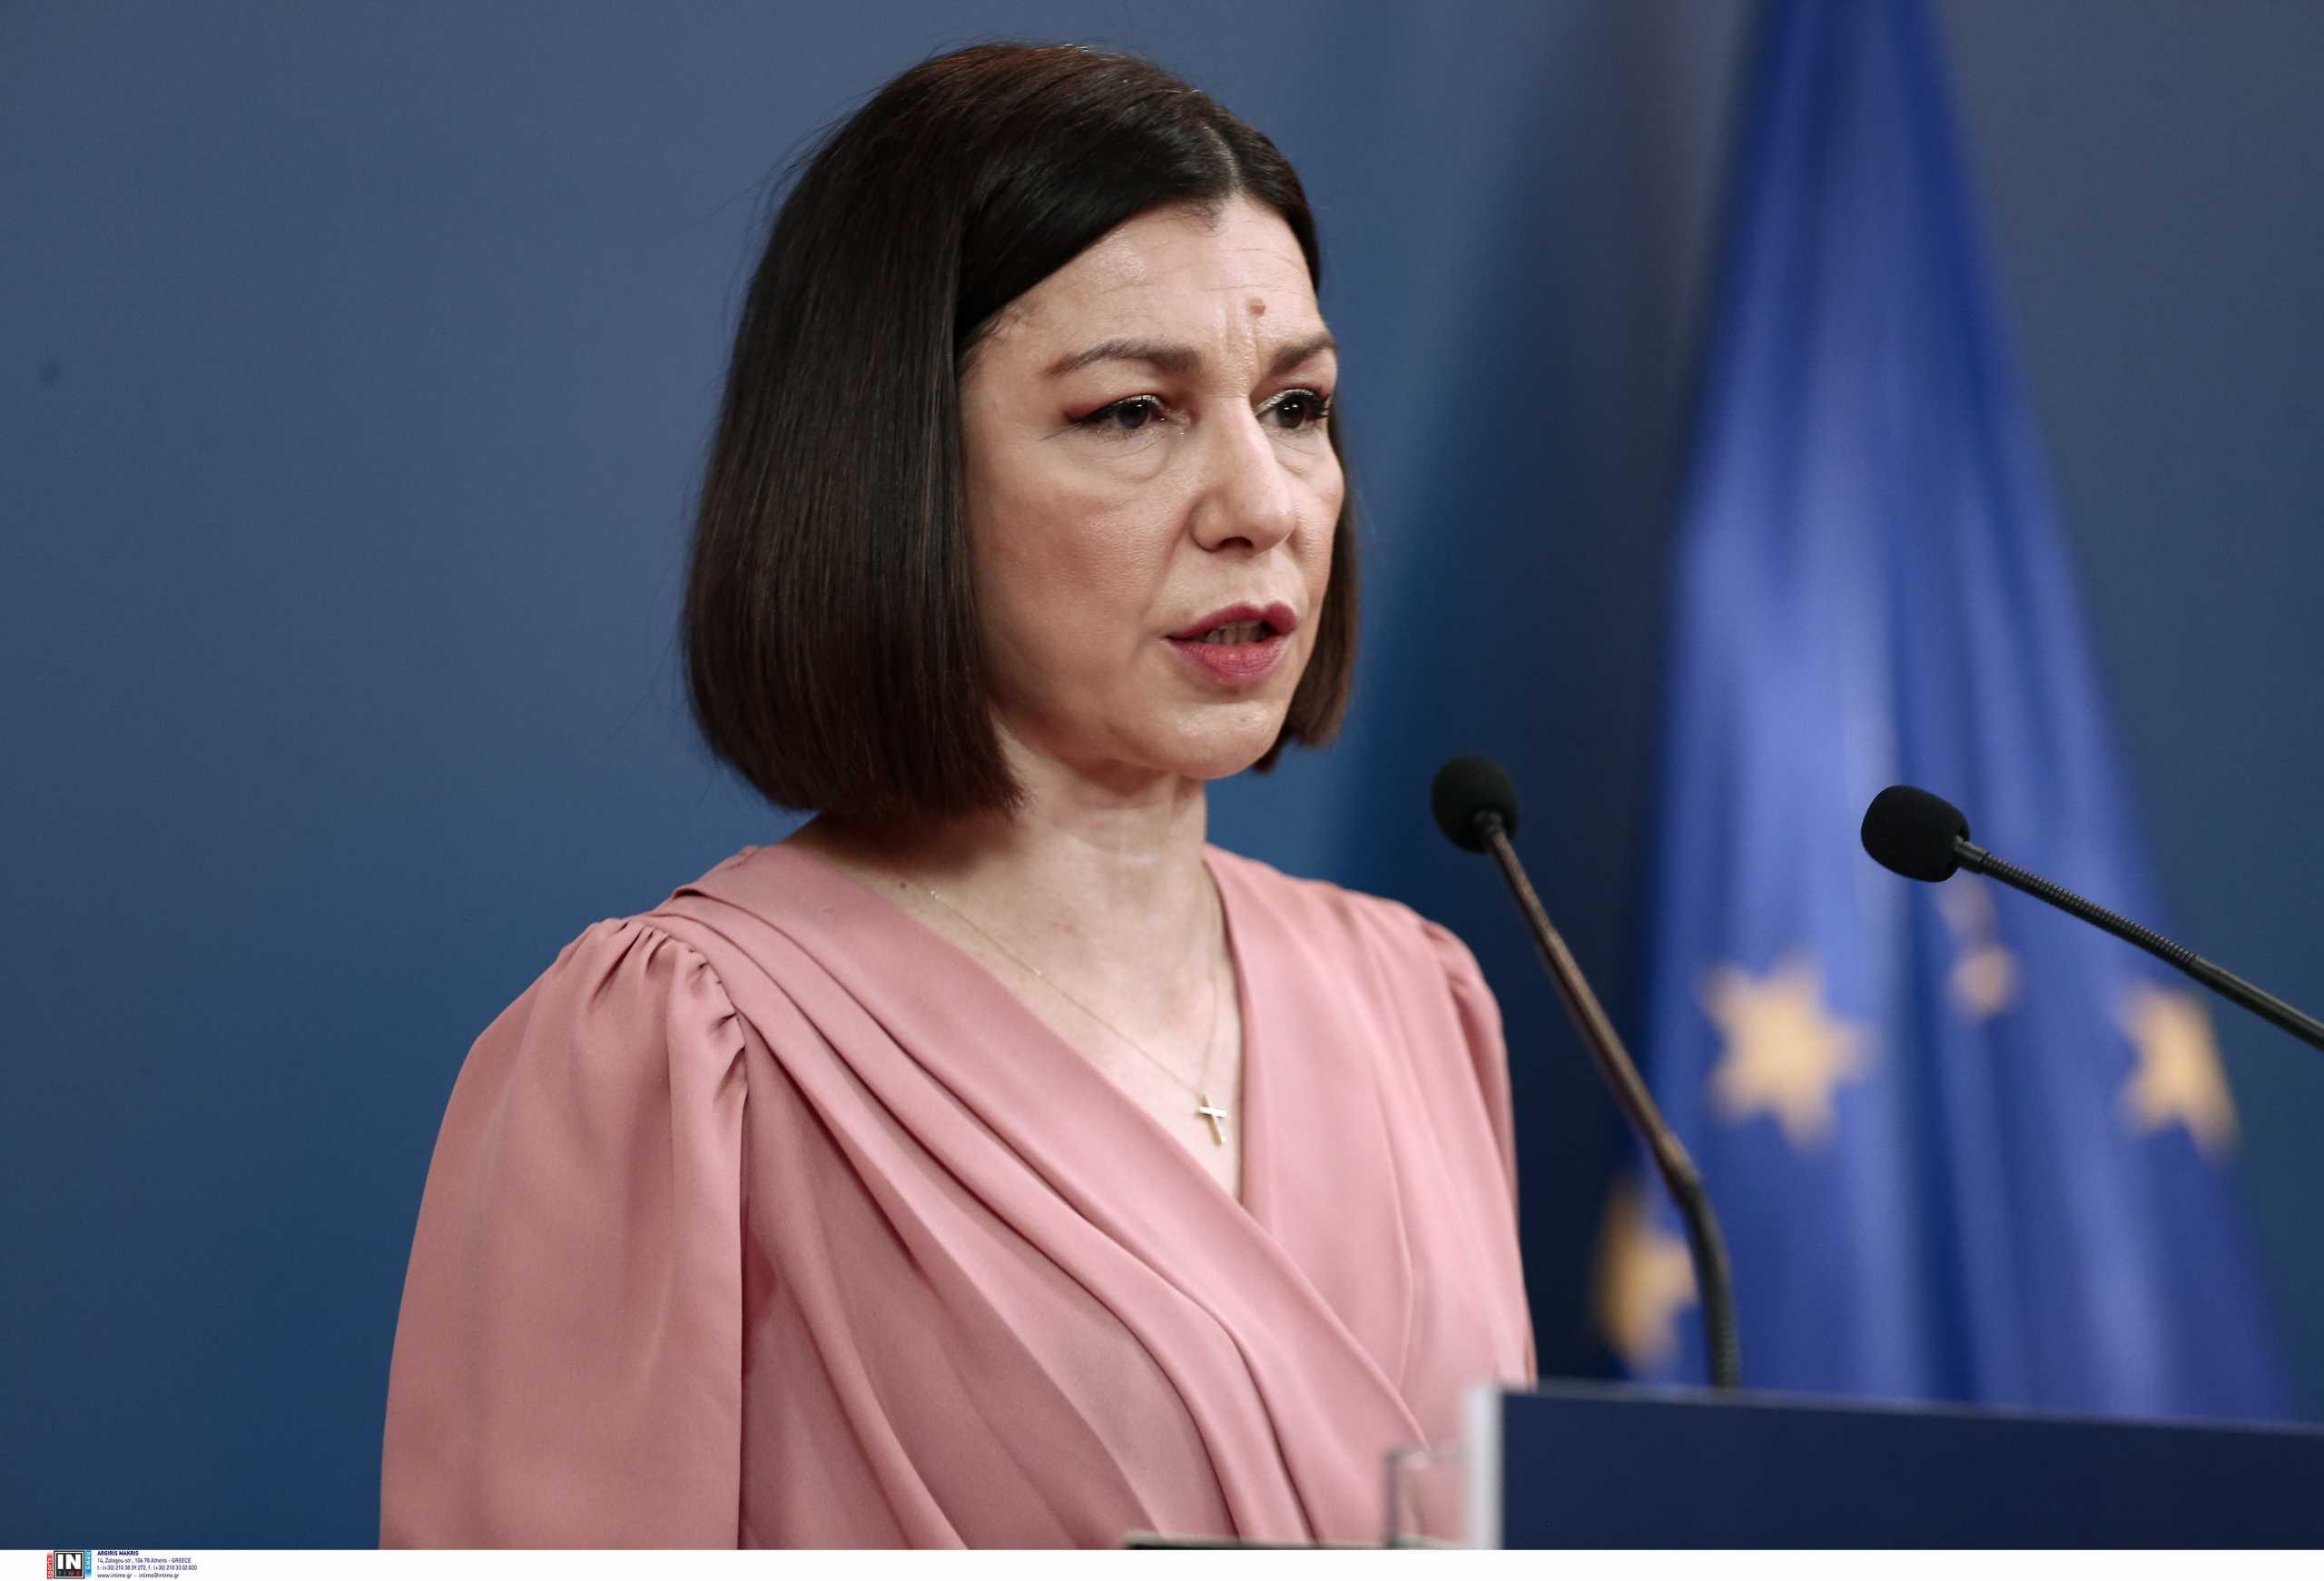 Αριστοτελία Πελώνη: «Η ρητορική Ερντογάν αντιβαίνει στις αποφάσεις για την επίλυση του Κυπριακού»